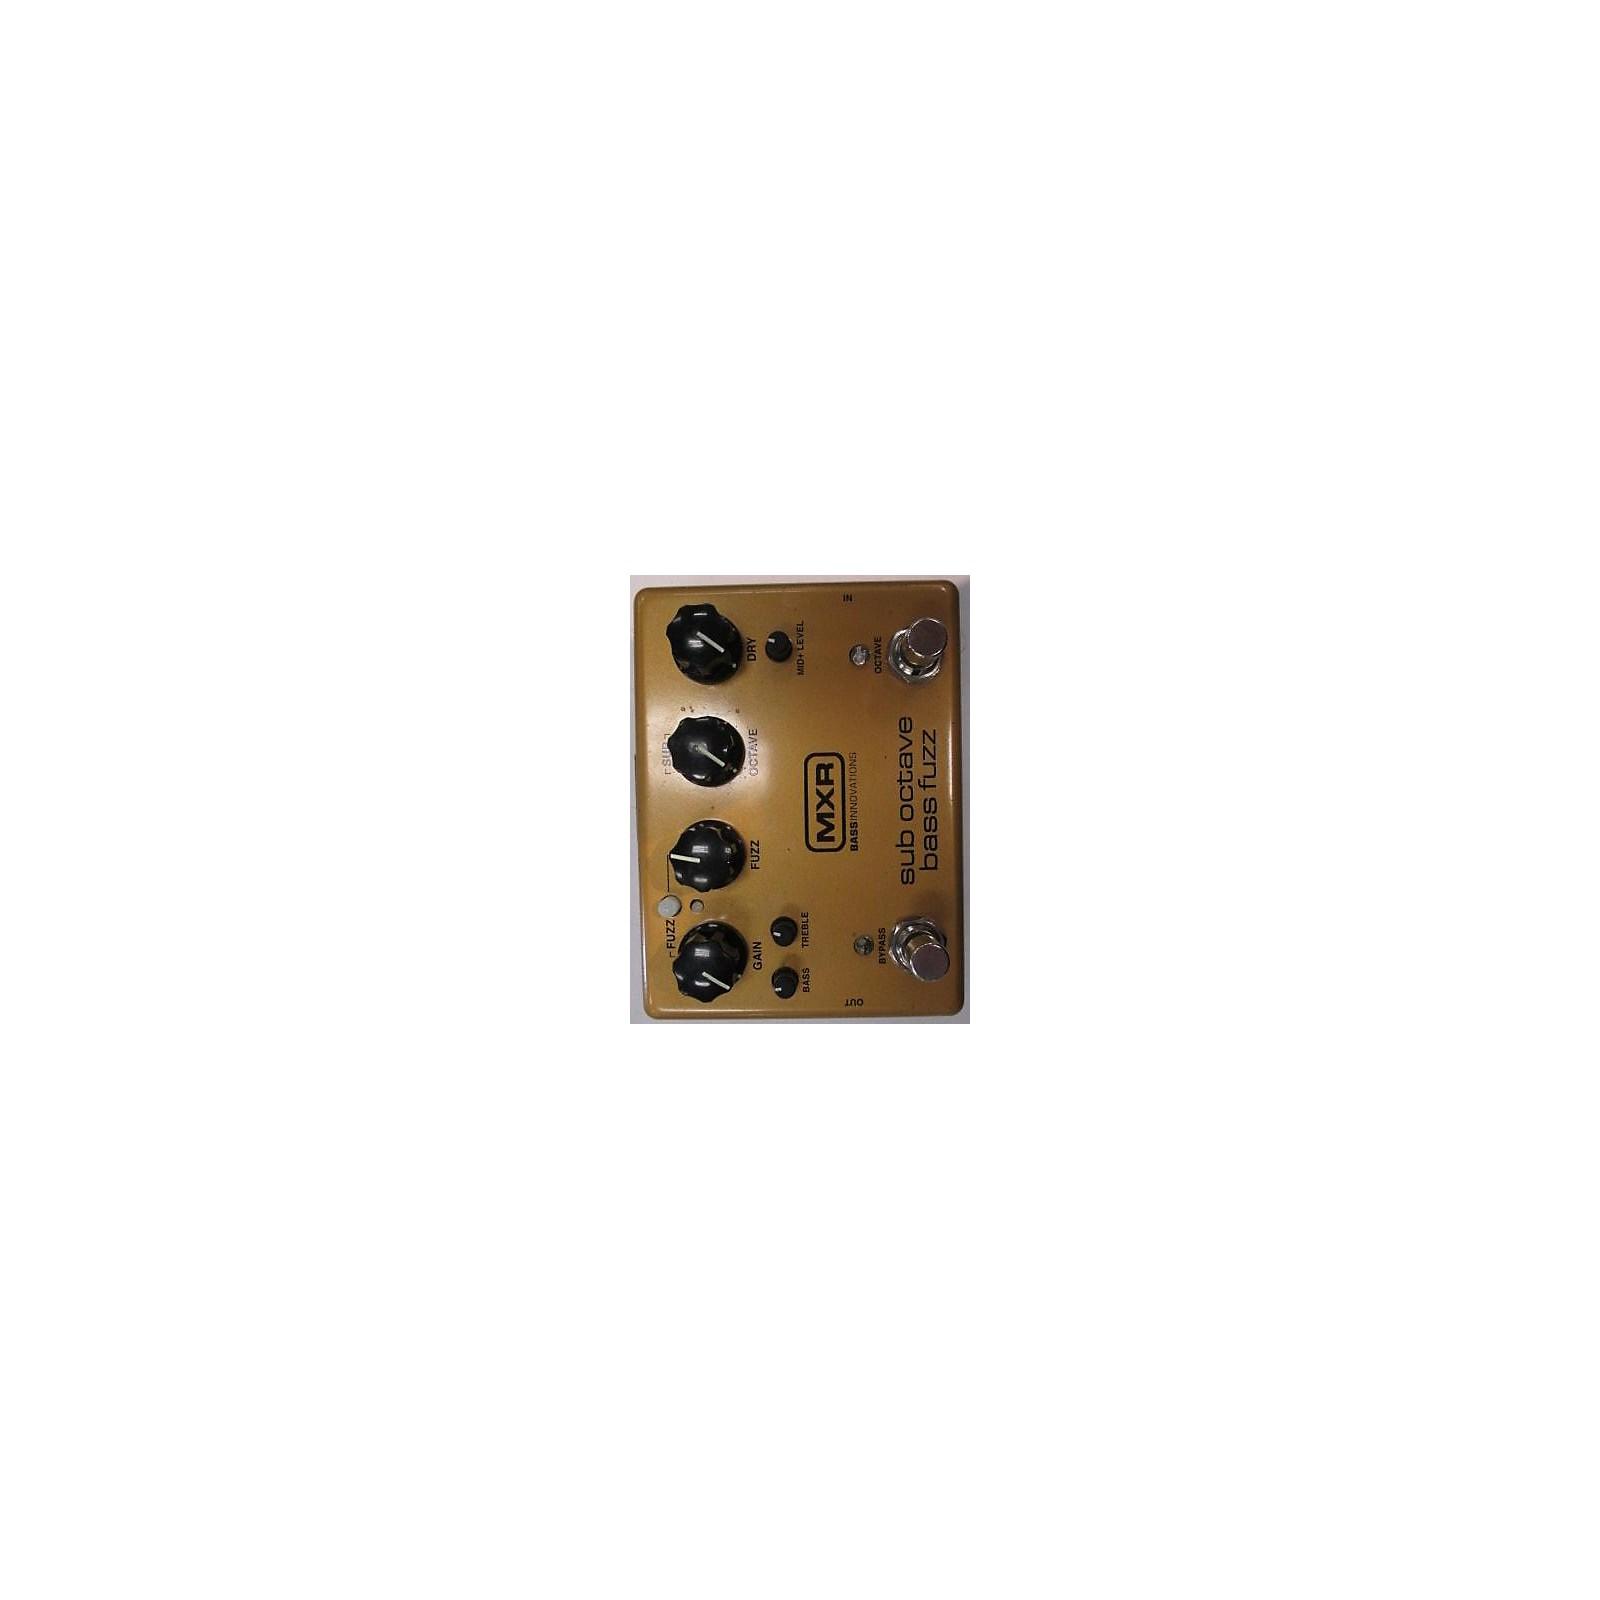 MXR Sub Octave Bass Fuzz Bass Effect Pedal